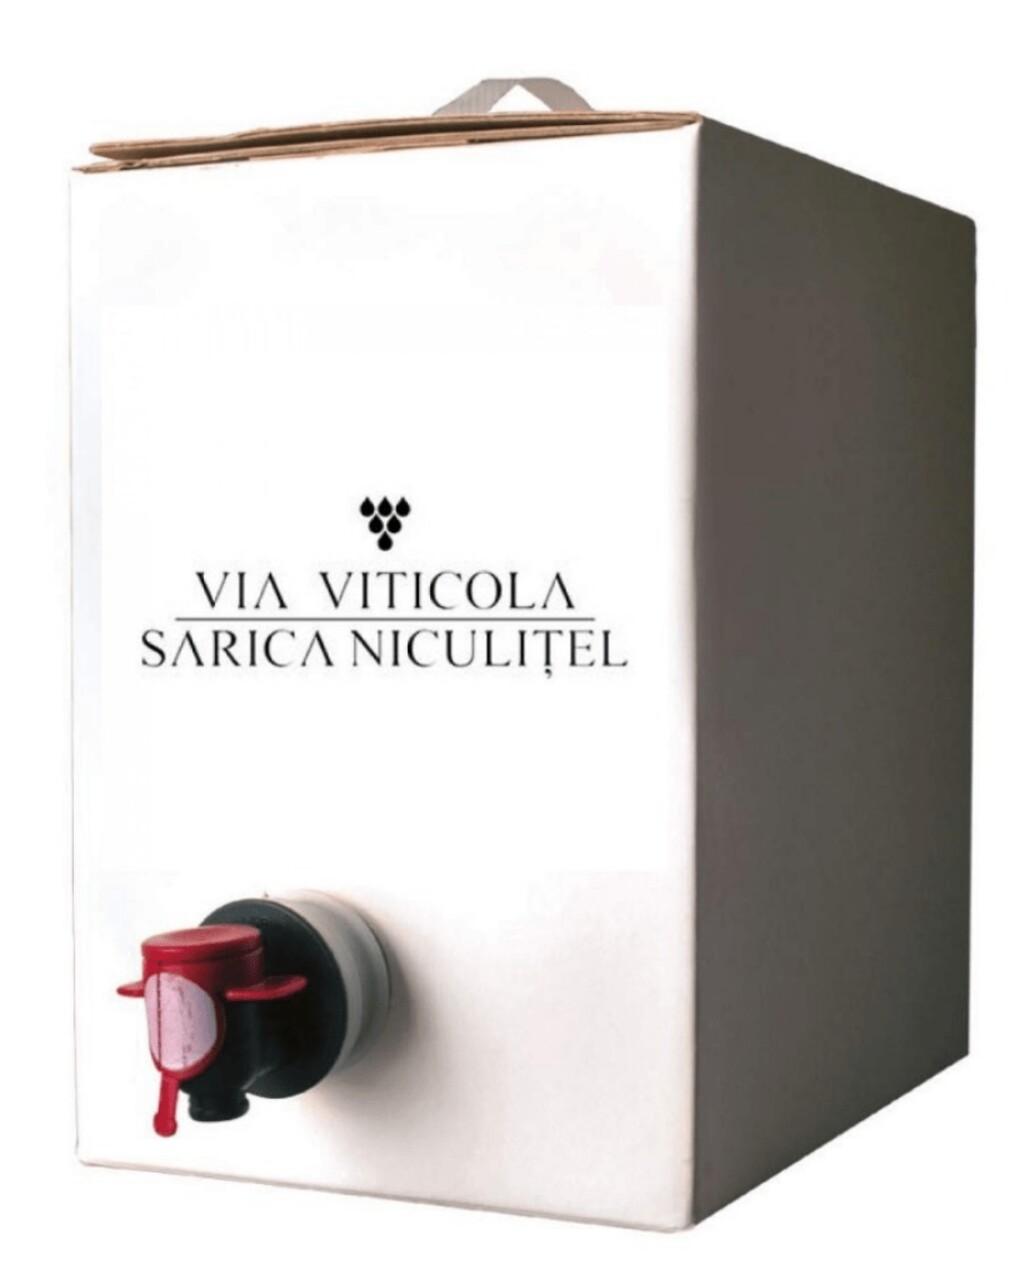 Sarica Niculitel Premium ALG 100 BIB 10L